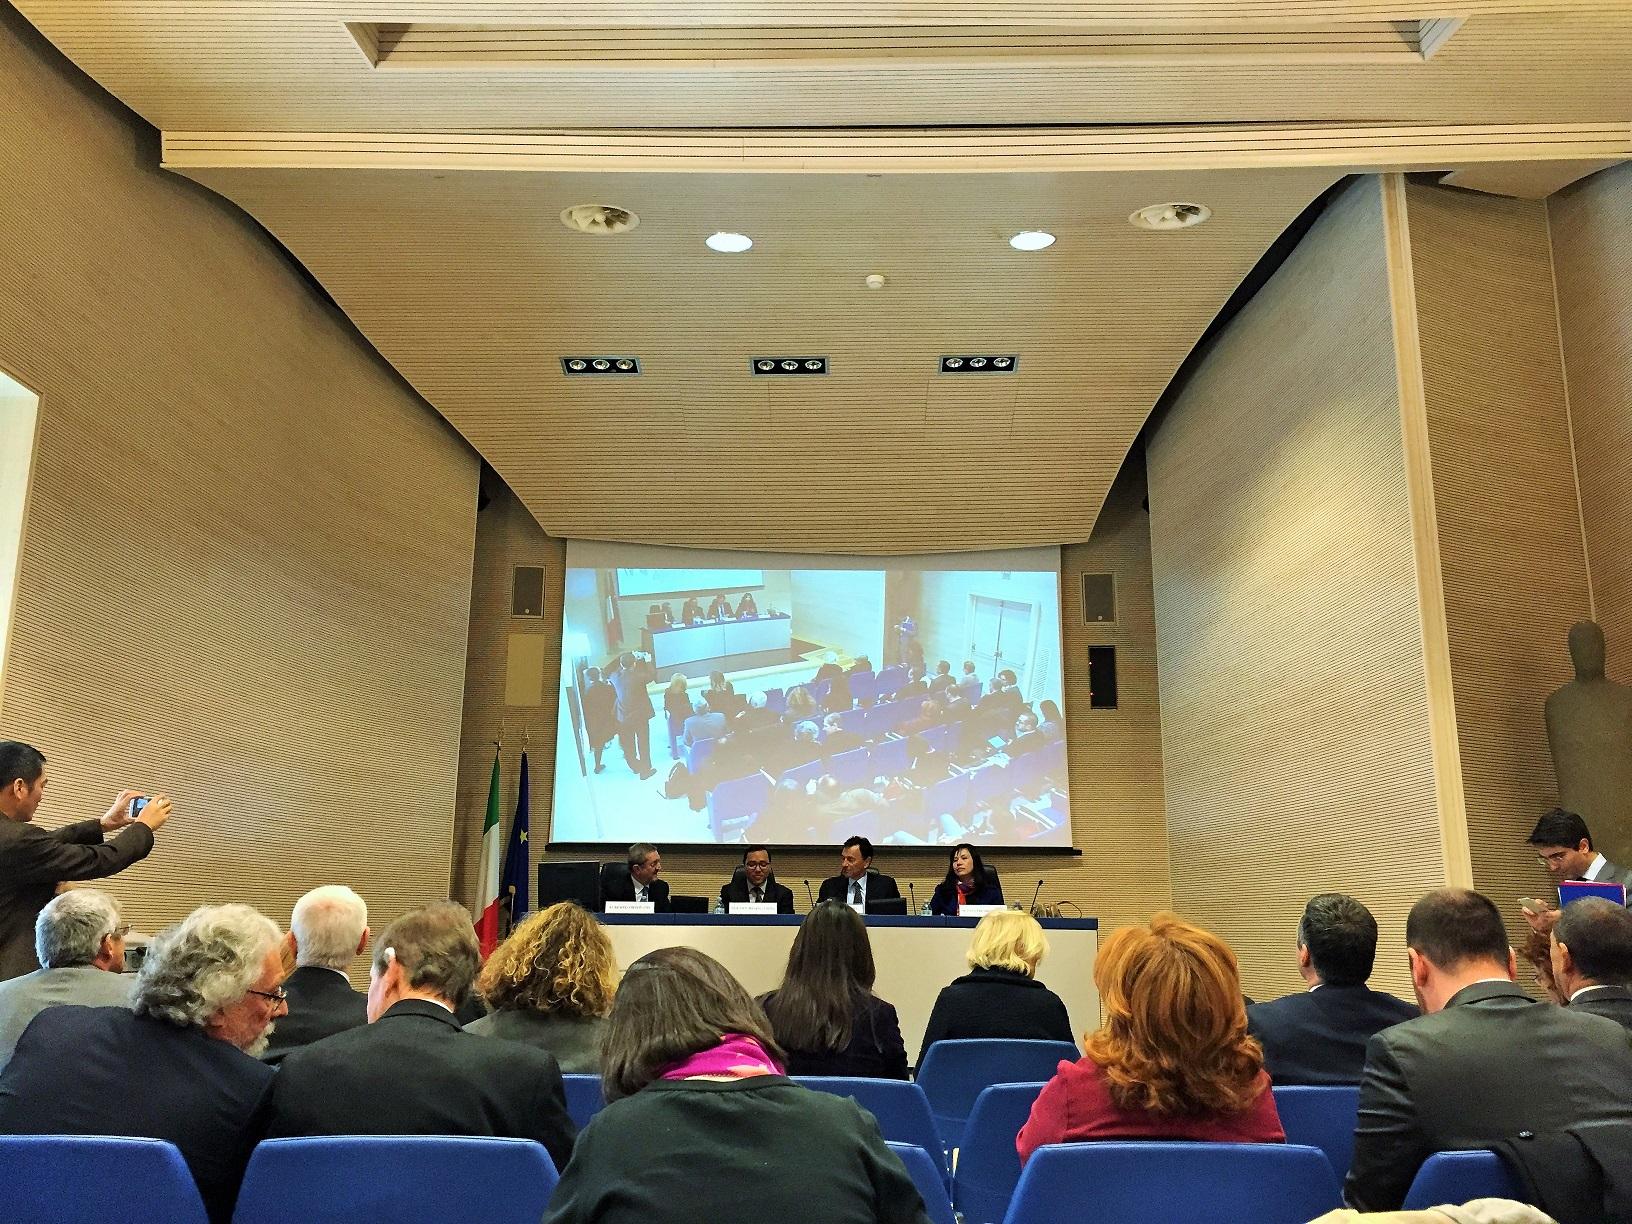 Hợp tác giáo dục Đại học giữa Trường Đại học Phương Đông và các Trường Đại học của CH. Italia và CHLB. Đức